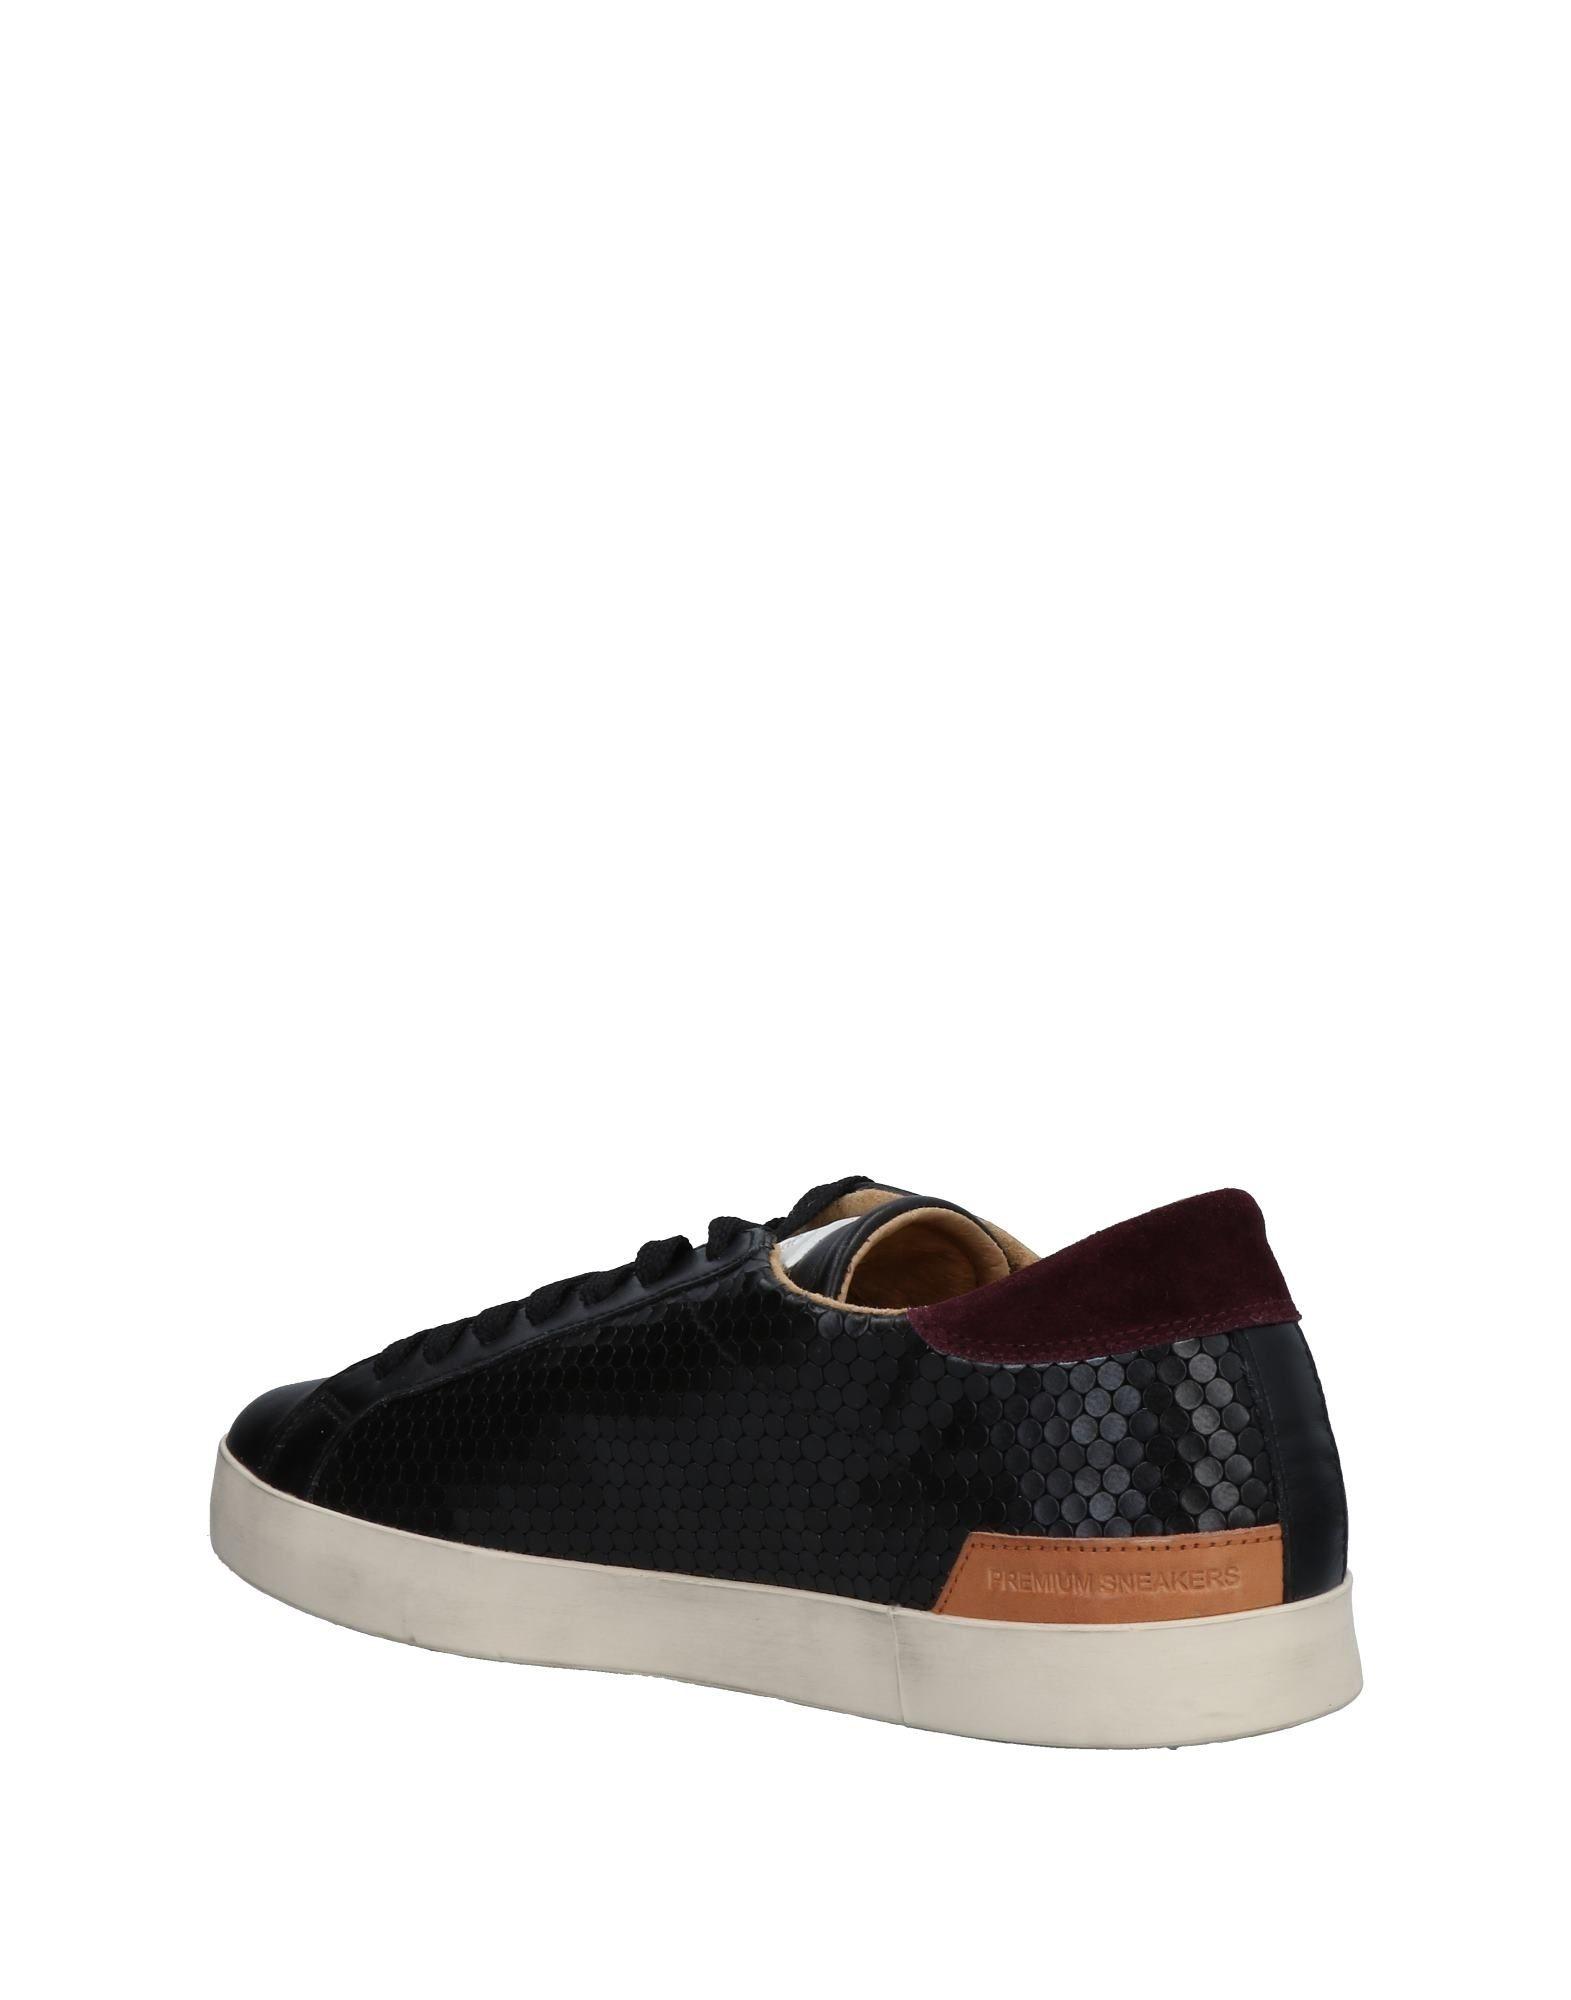 Rabatt echte Schuhe 11467754CD D.A.T.E. Sneakers Herren  11467754CD Schuhe e0b8af